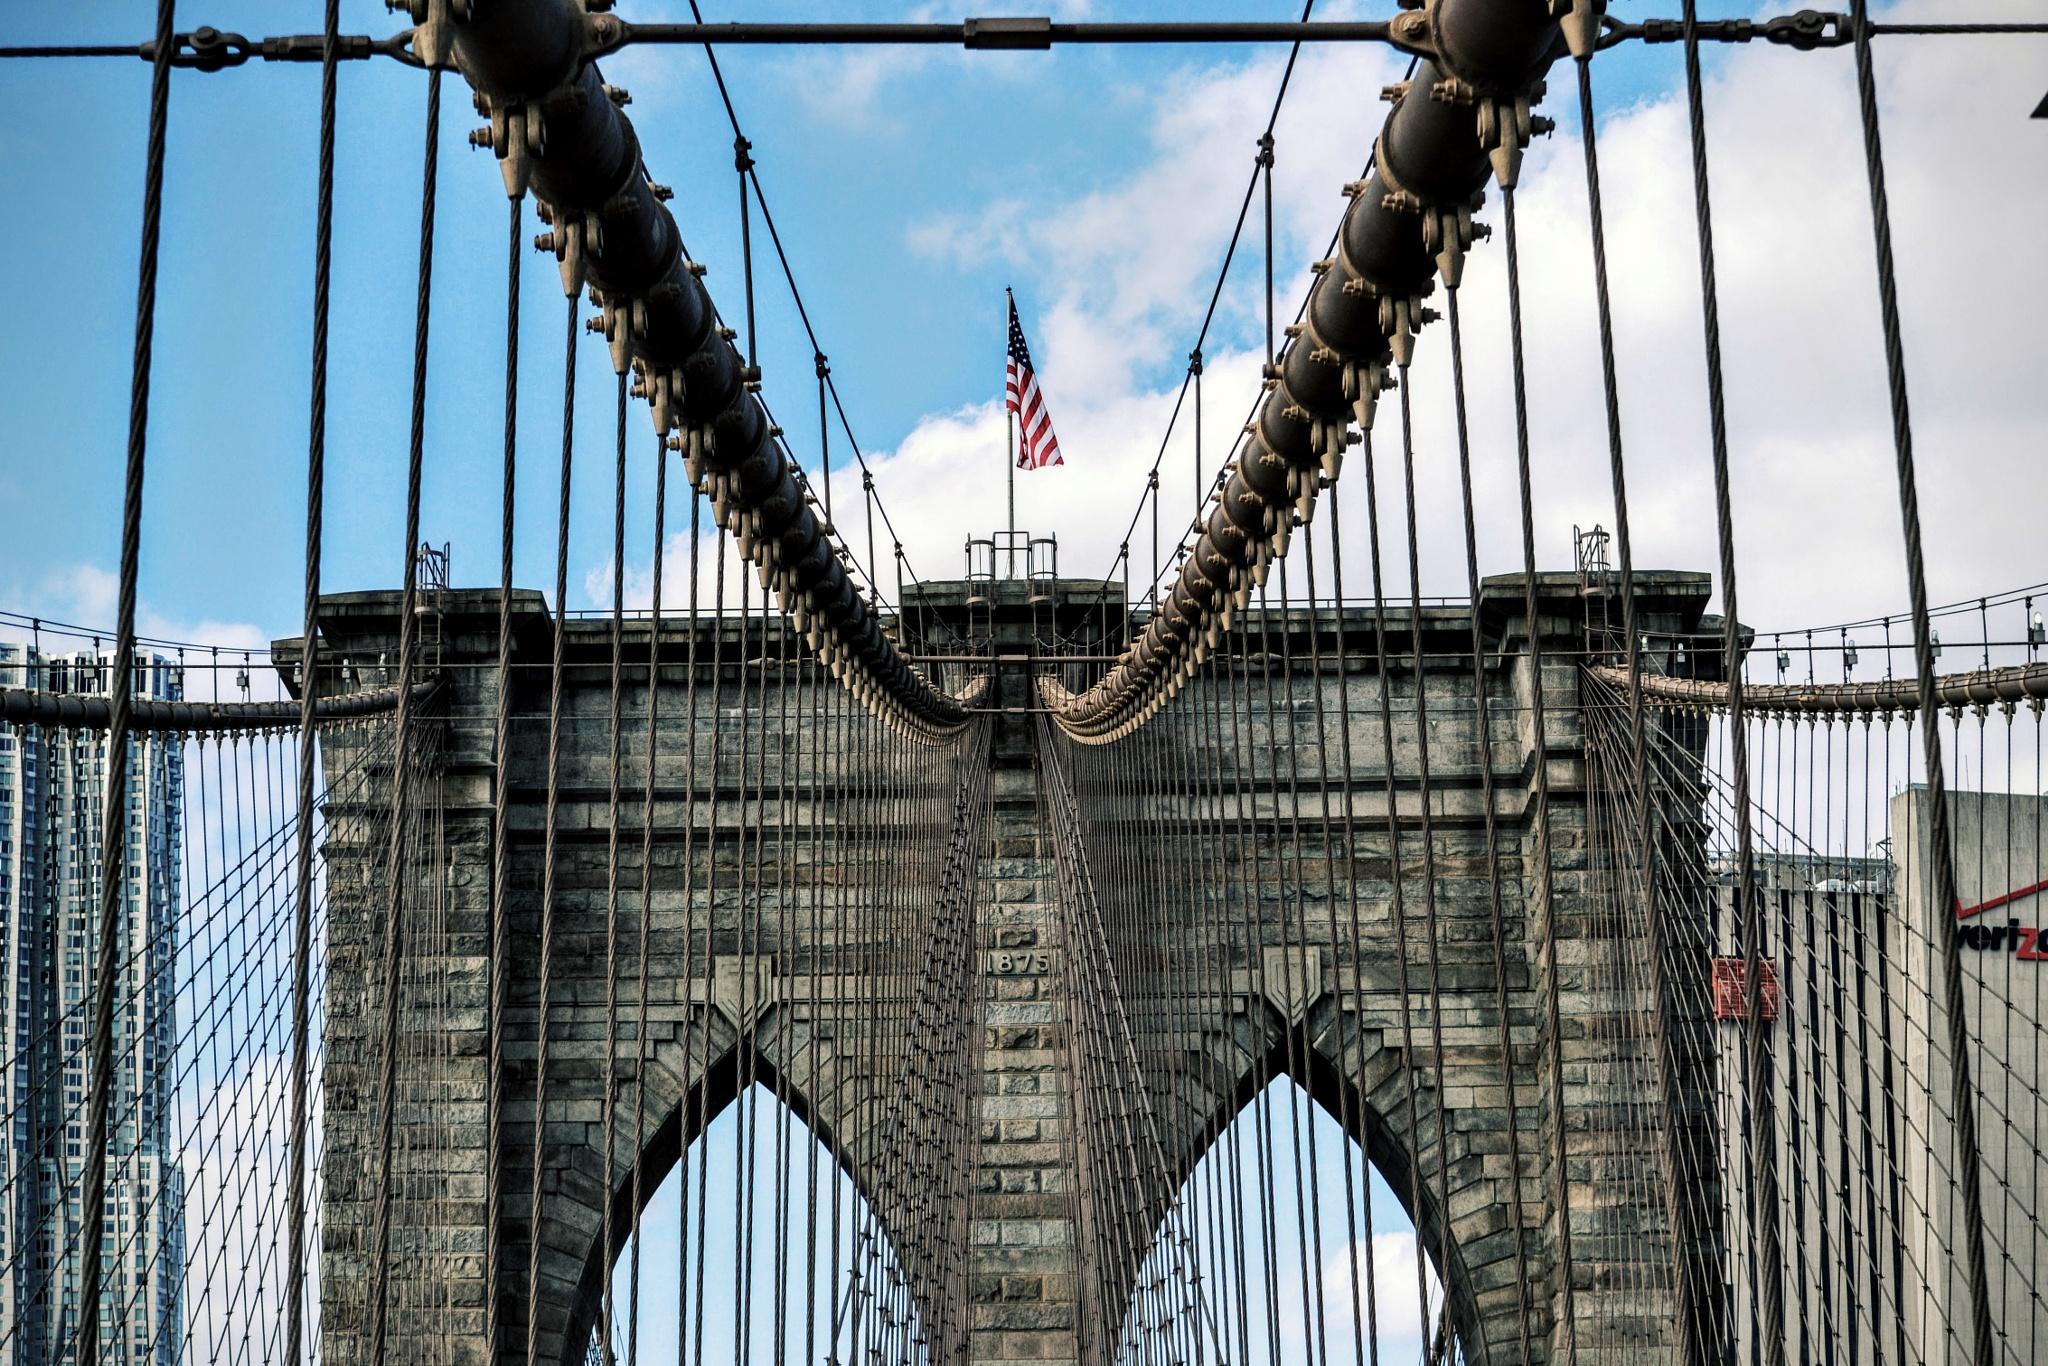 Brooklyn Bridge by Abu E Mansoor